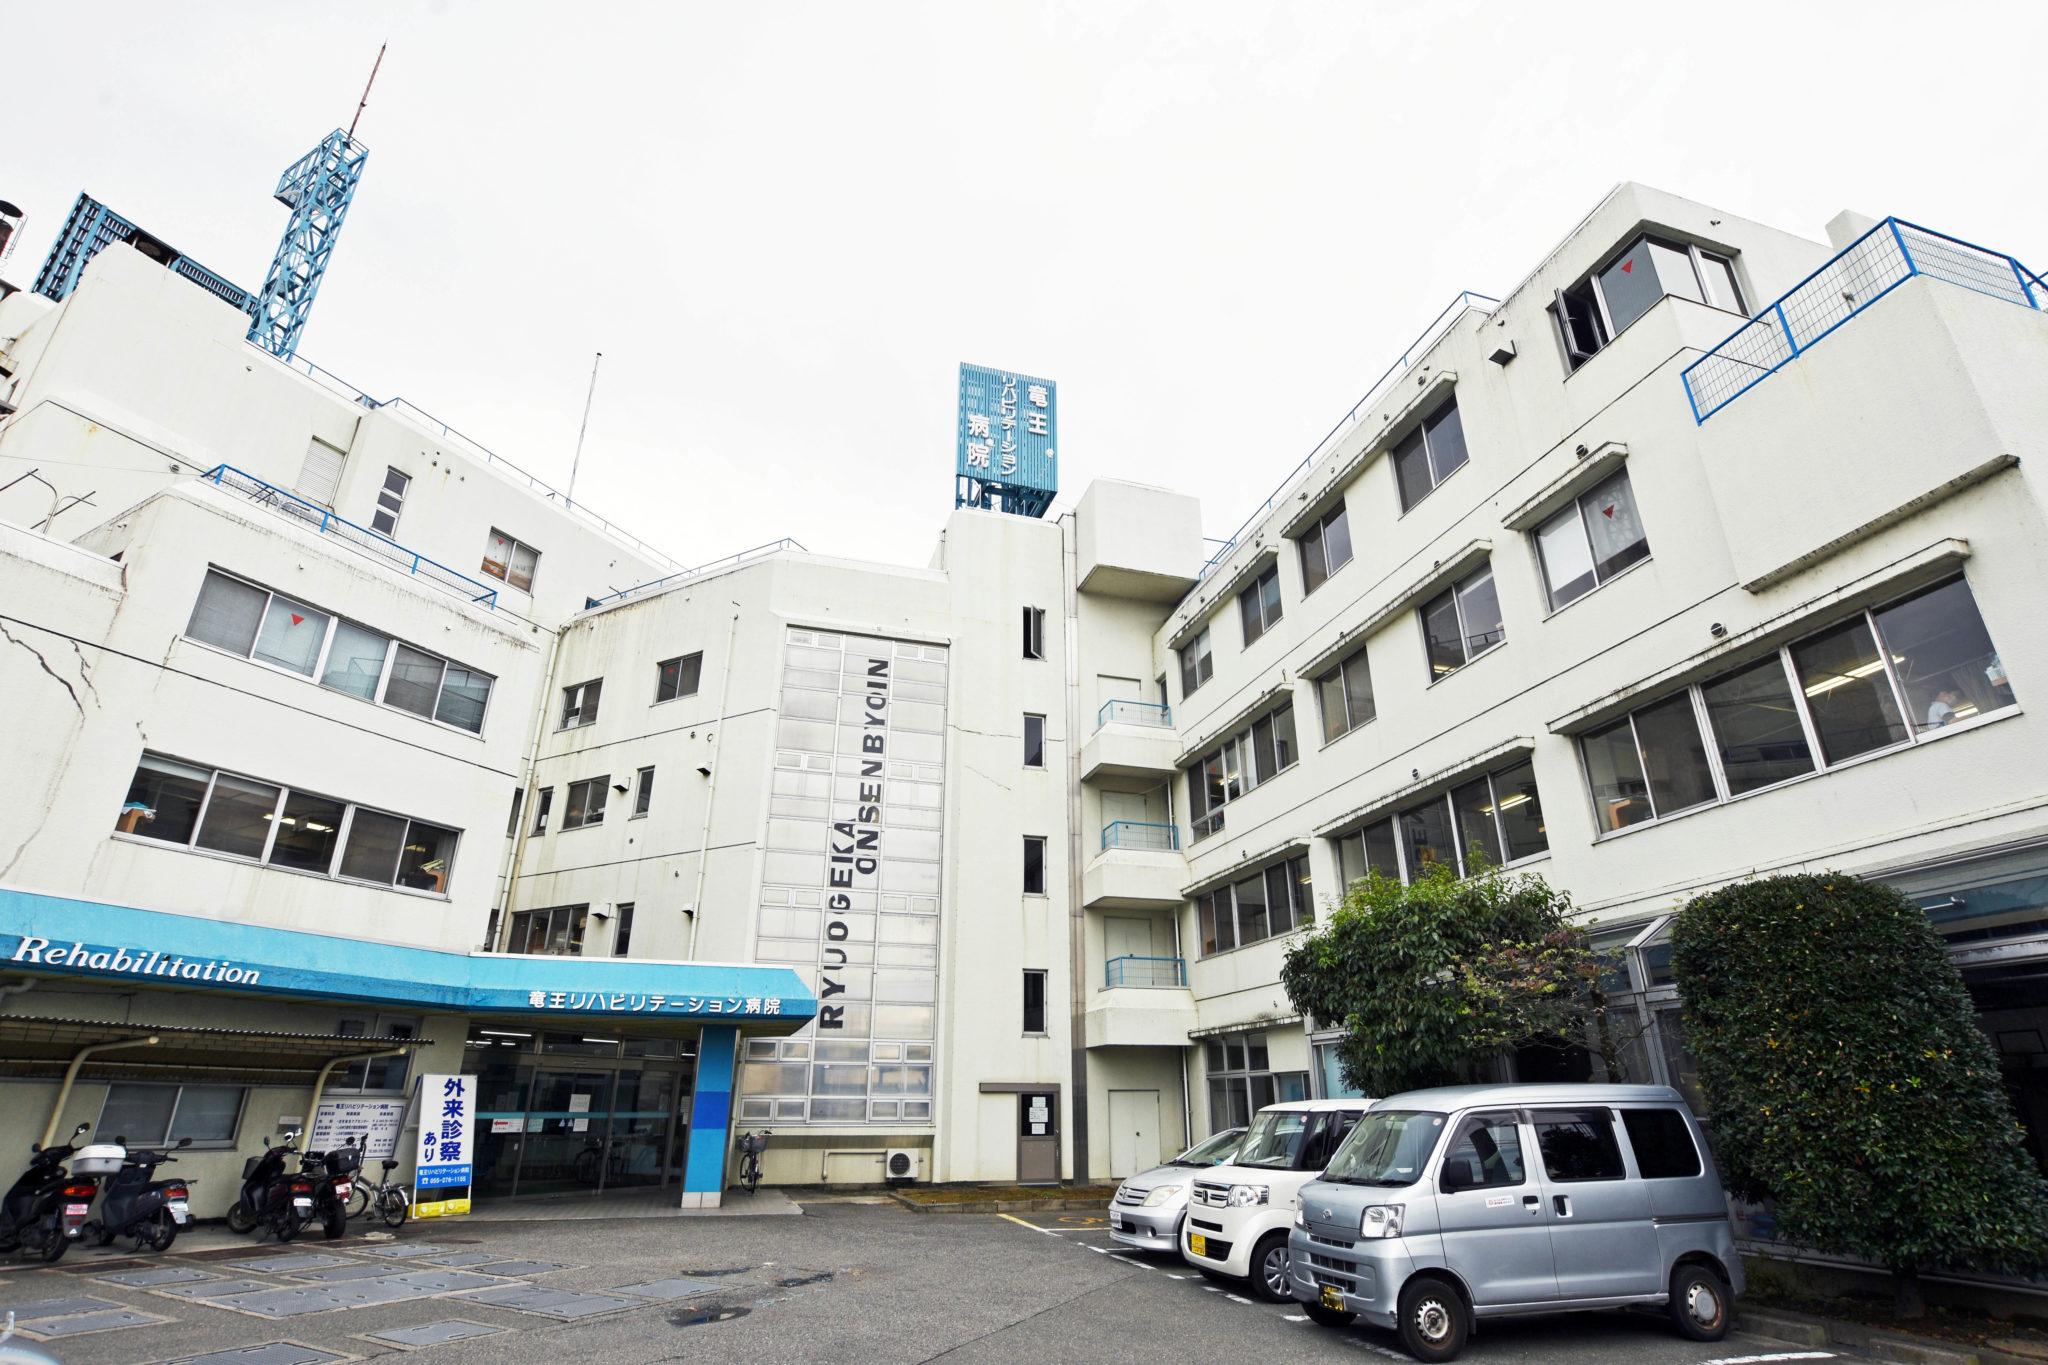 竜王リハビリテーション病院